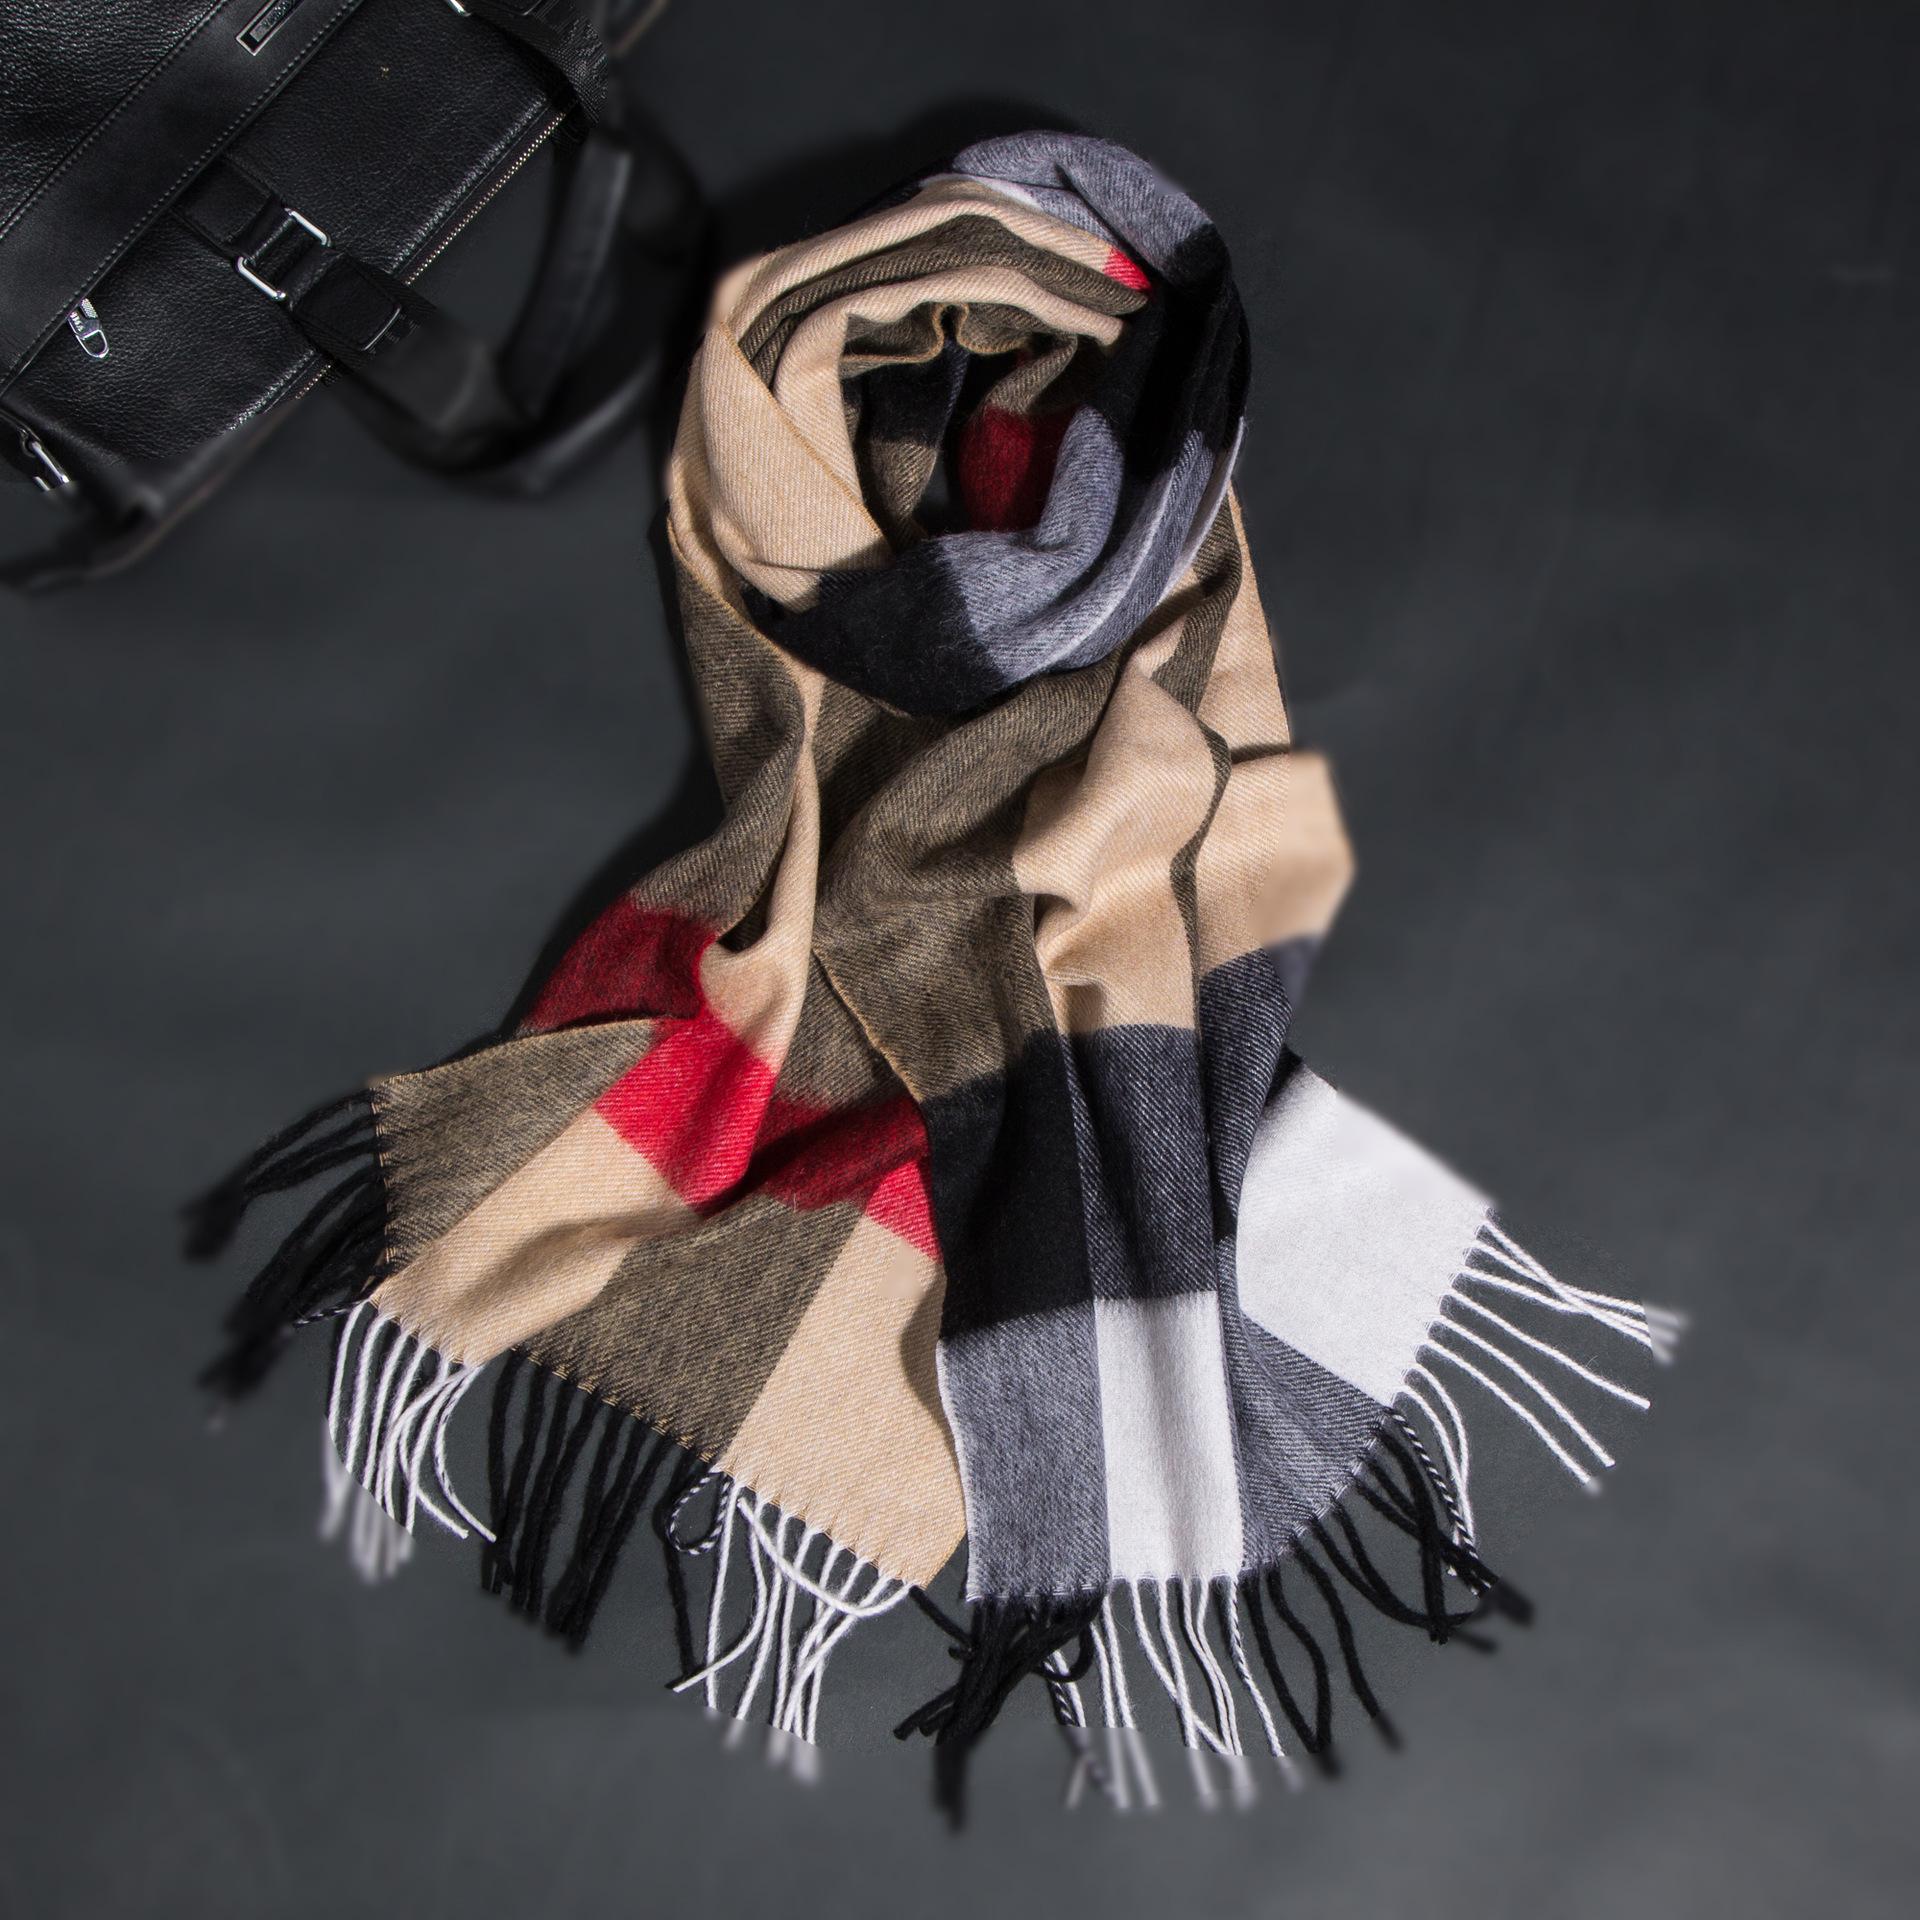 [해외]2018 여성과 남성 겨울 100 % 리얼 캐시미어 스카프 Tassels 따뜻한 럭셔리 브랜드  염소 모피 Hijab는 쇼를 감쌌다./2018 Women and Men  Winter 100% Real Cashmere ScarfTassels Warm Luxury